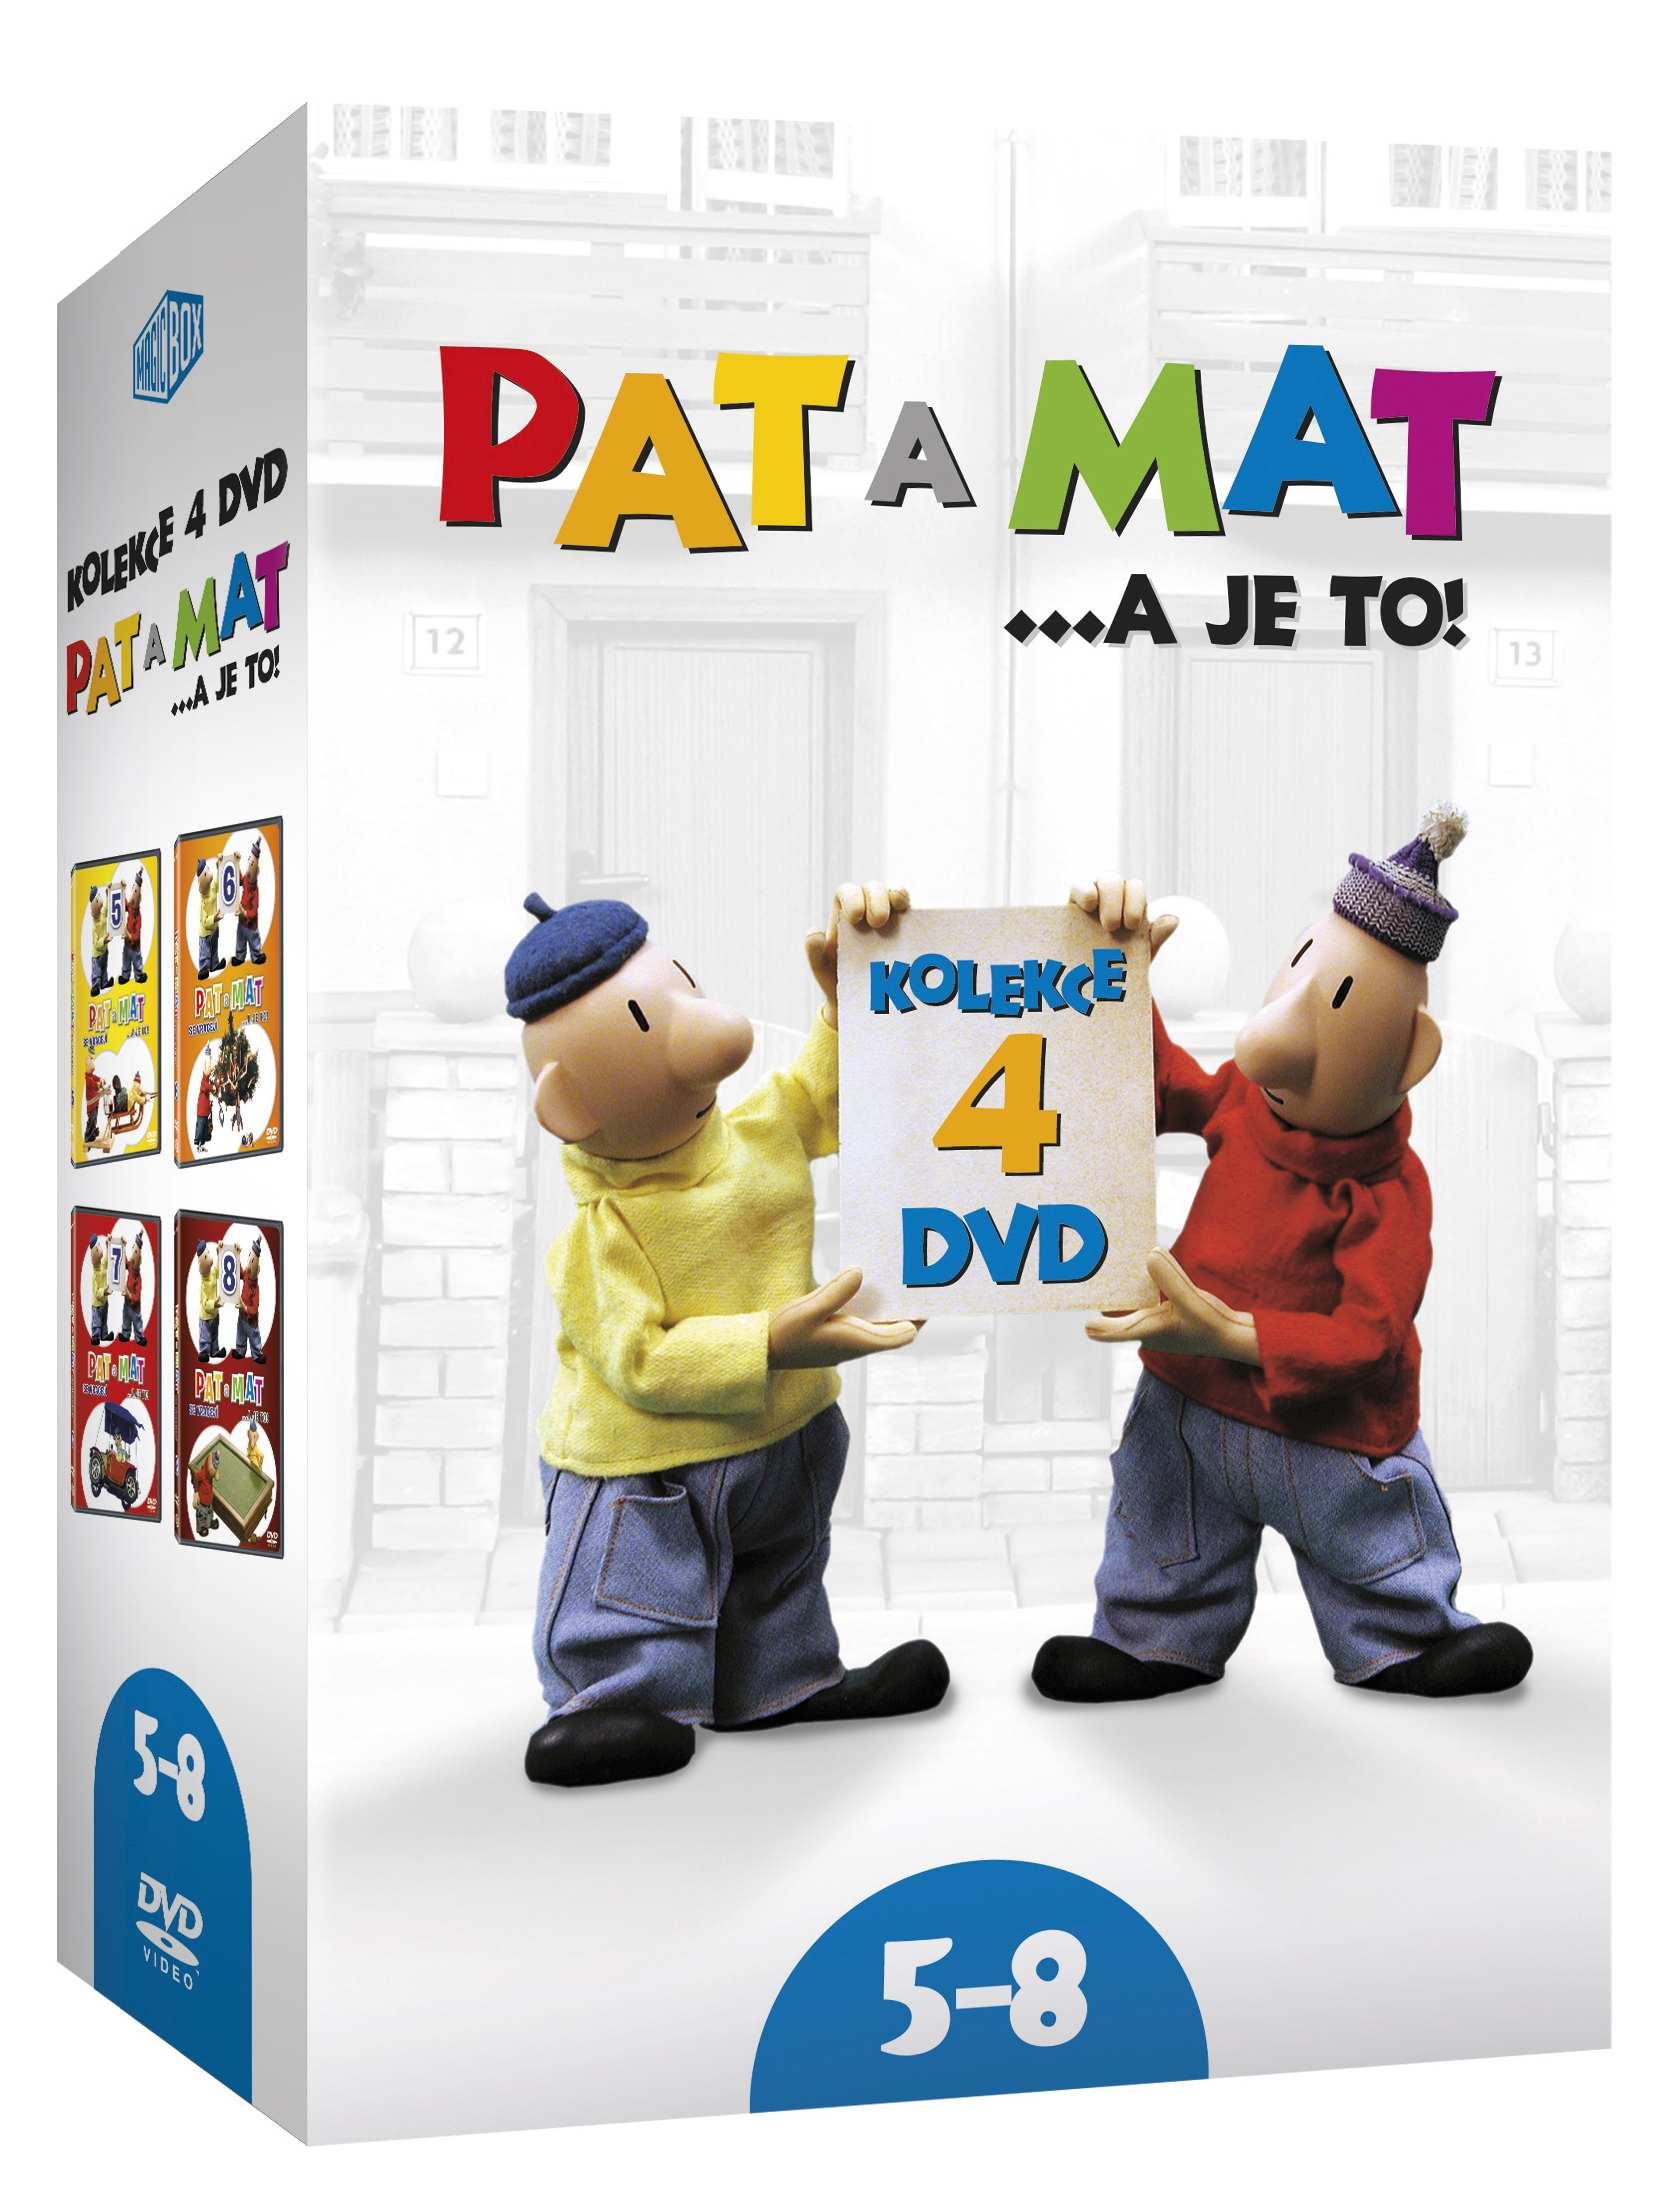 PAT A MAT (A JE TO) 5-8 KOLEKCE - 4 DVD